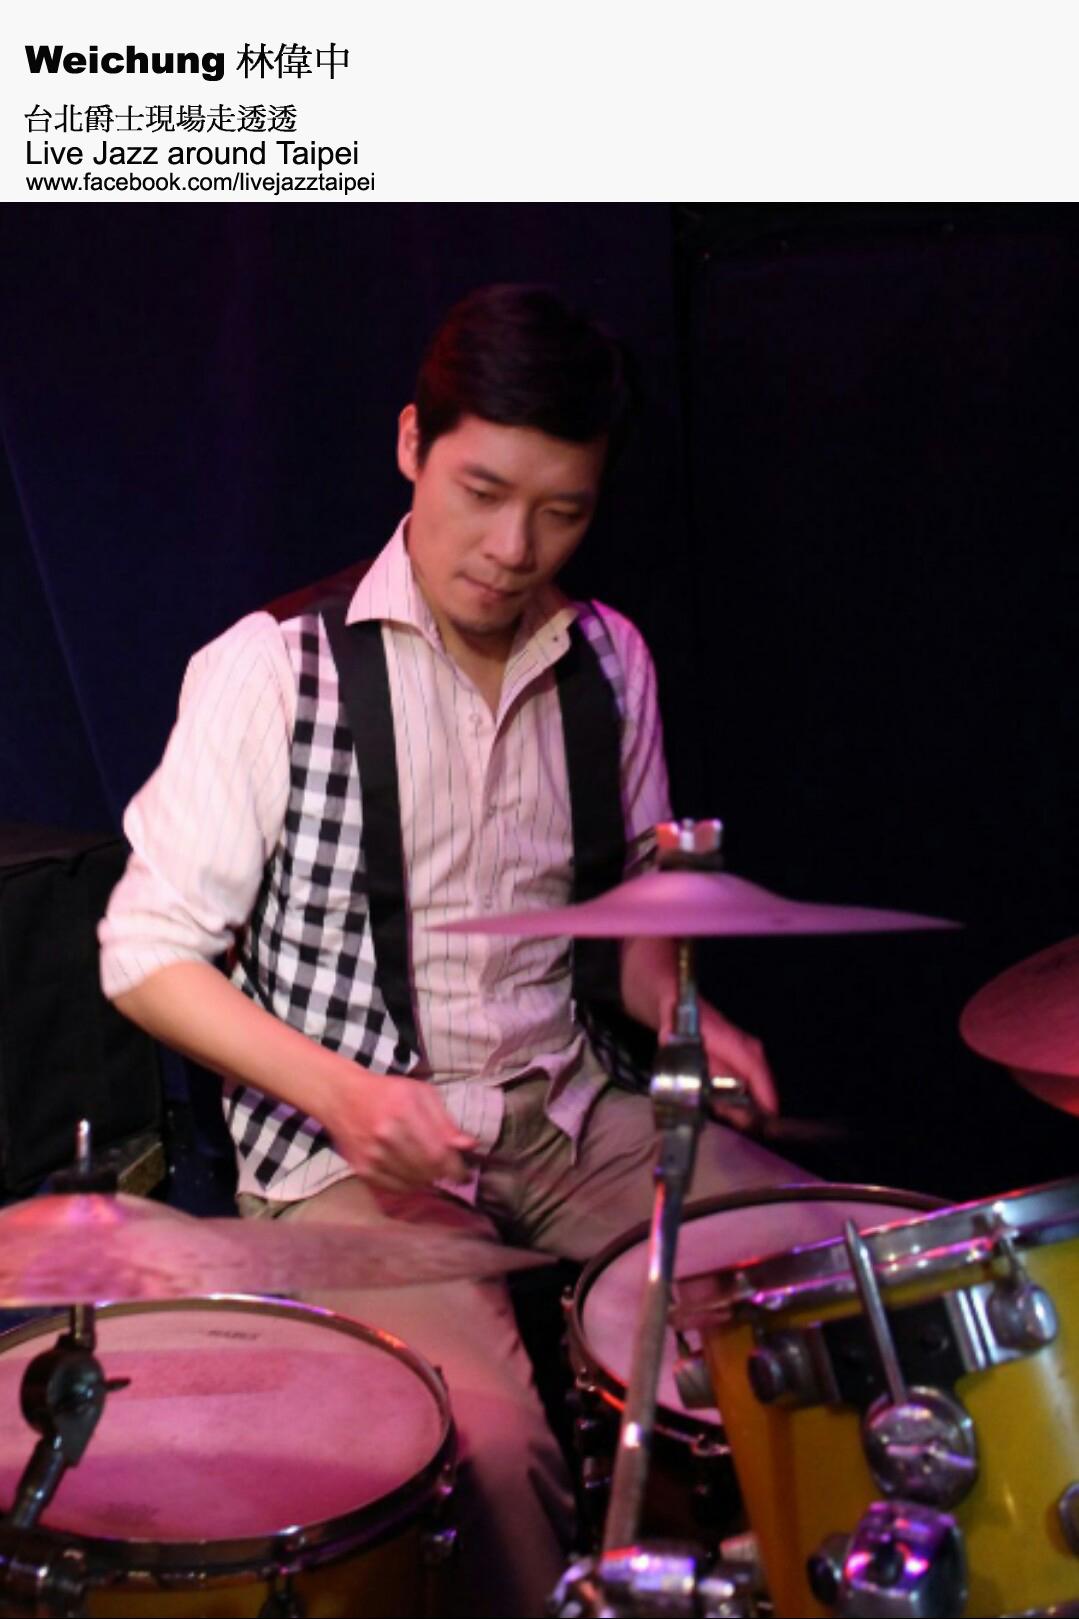 Drum Weichung